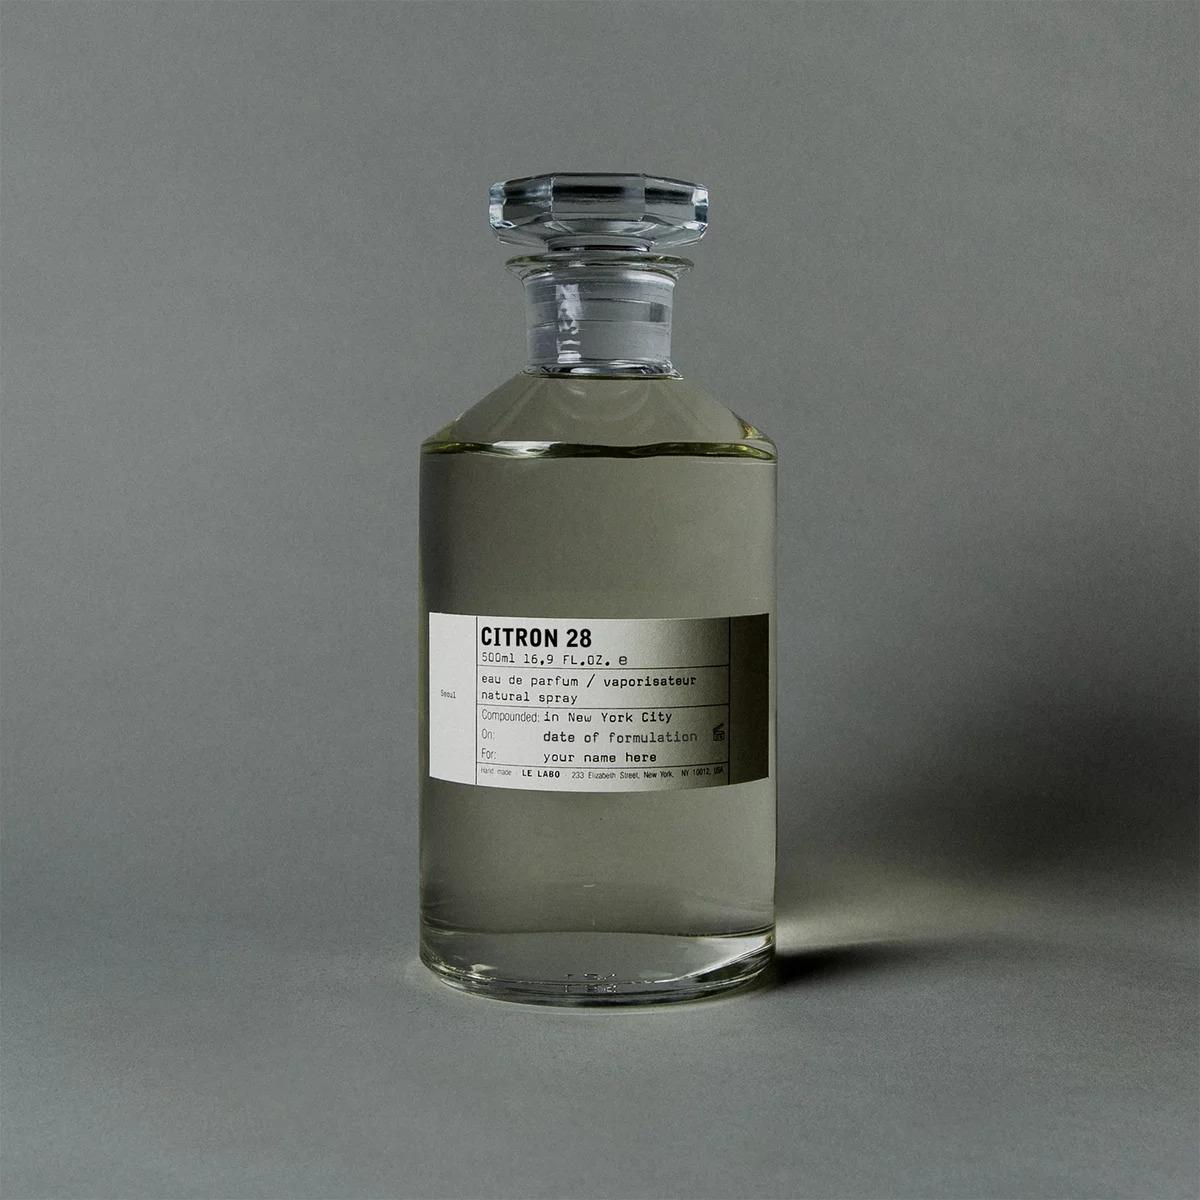 le-labo-citron-28-parfum-exclusif-seoul-avis